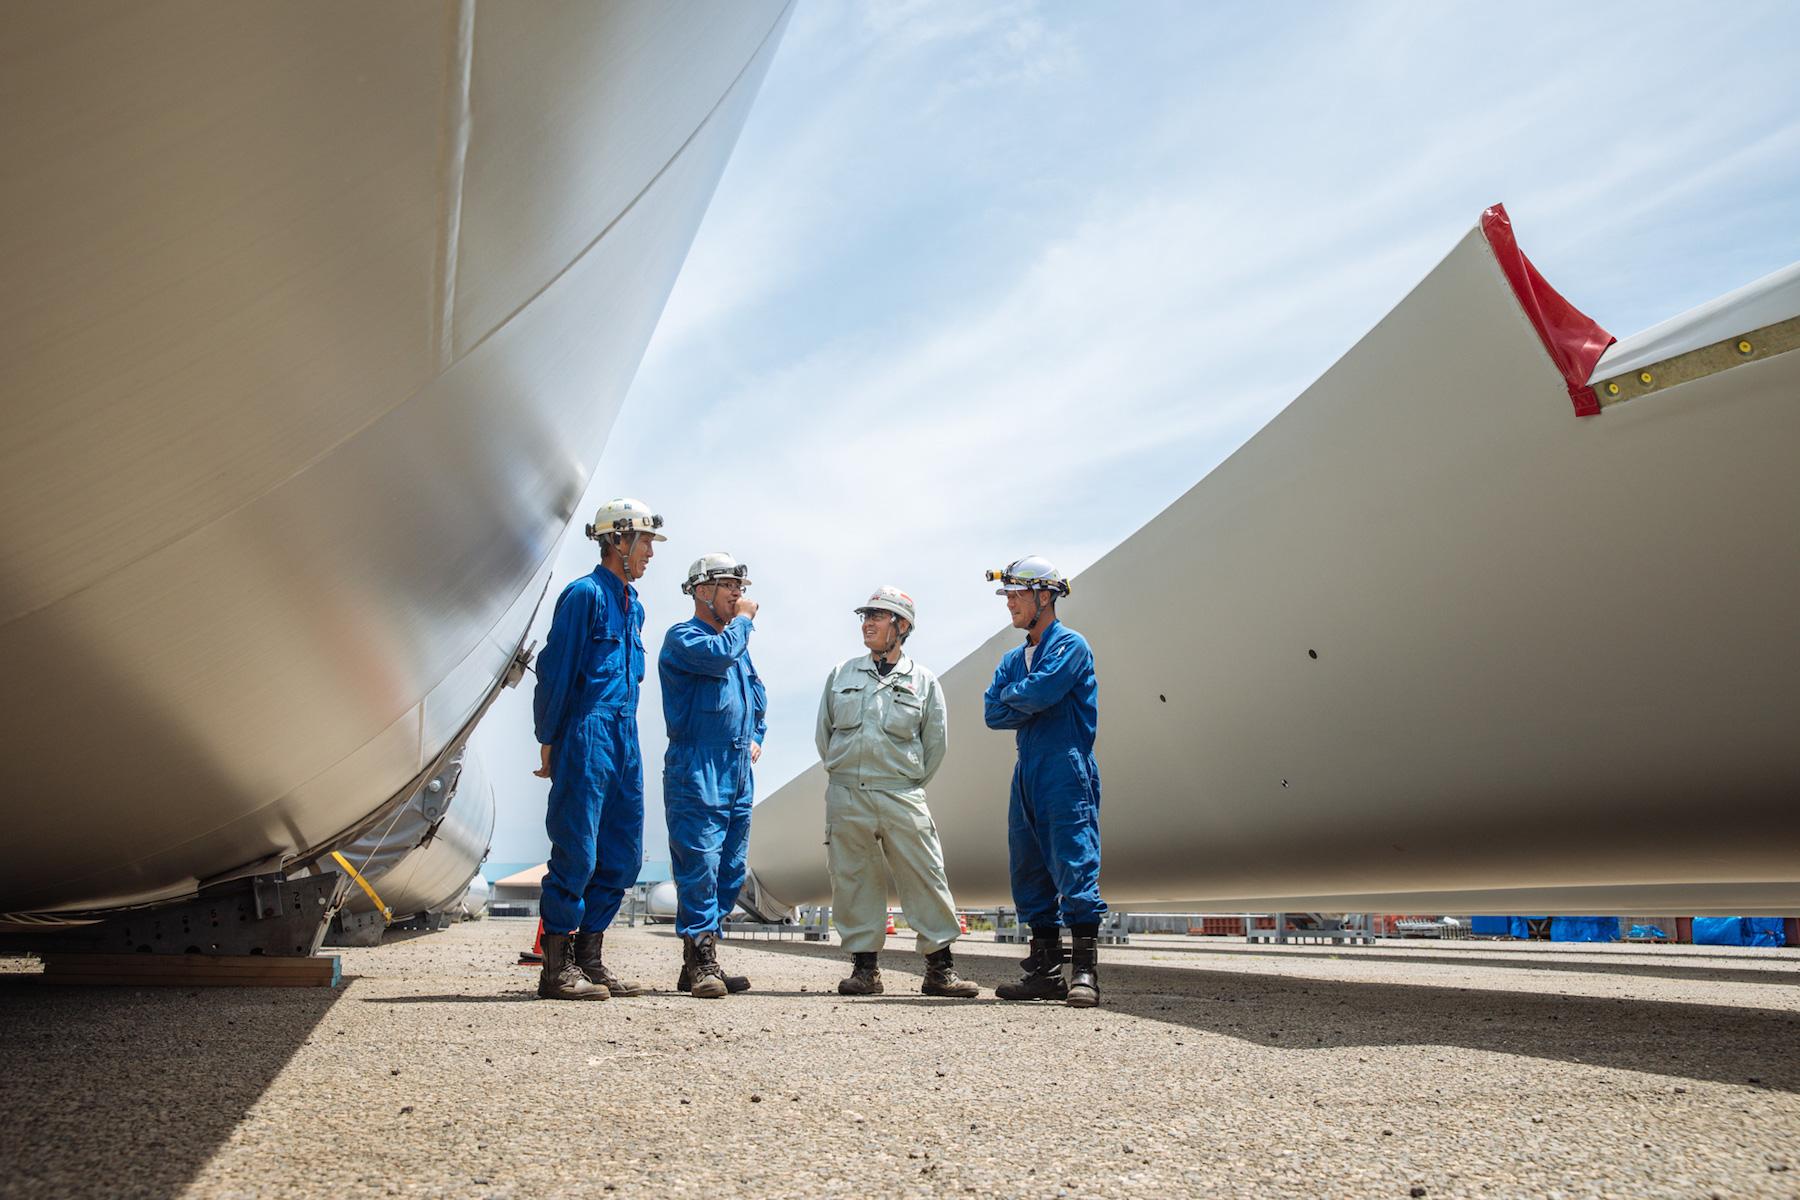 風力発電用風車の巨大な部材を運ぶスカニアを追う 〜株式会社ミック様〜